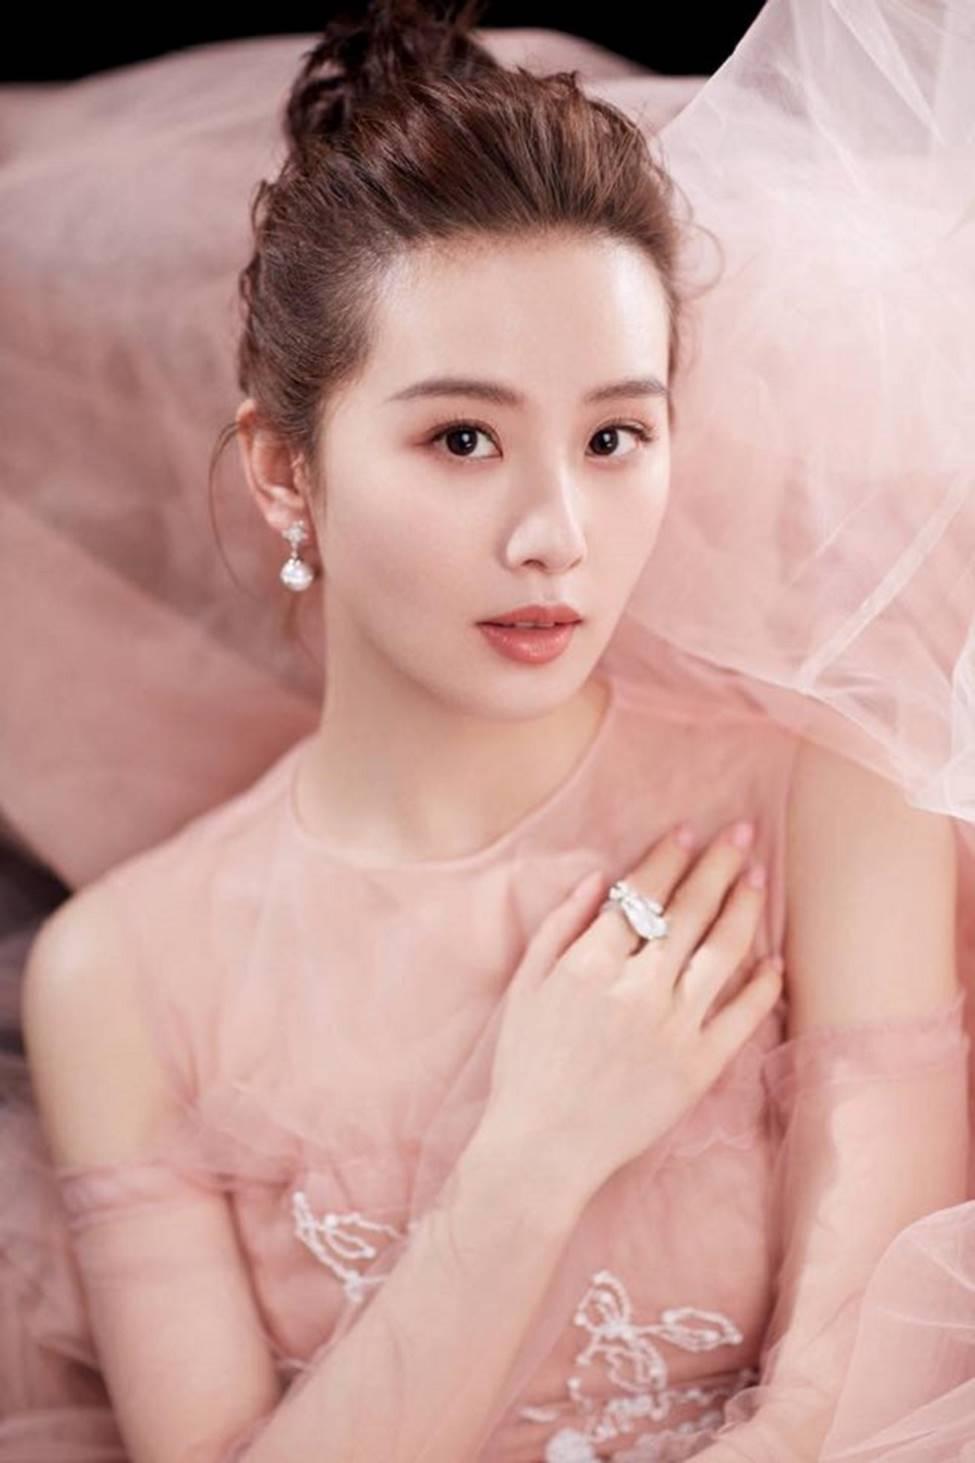 Các cô gái dân tộc thiểu số Trung Quốc đẹp tới mức khiến hoa nhường nguyệt thẹn-9